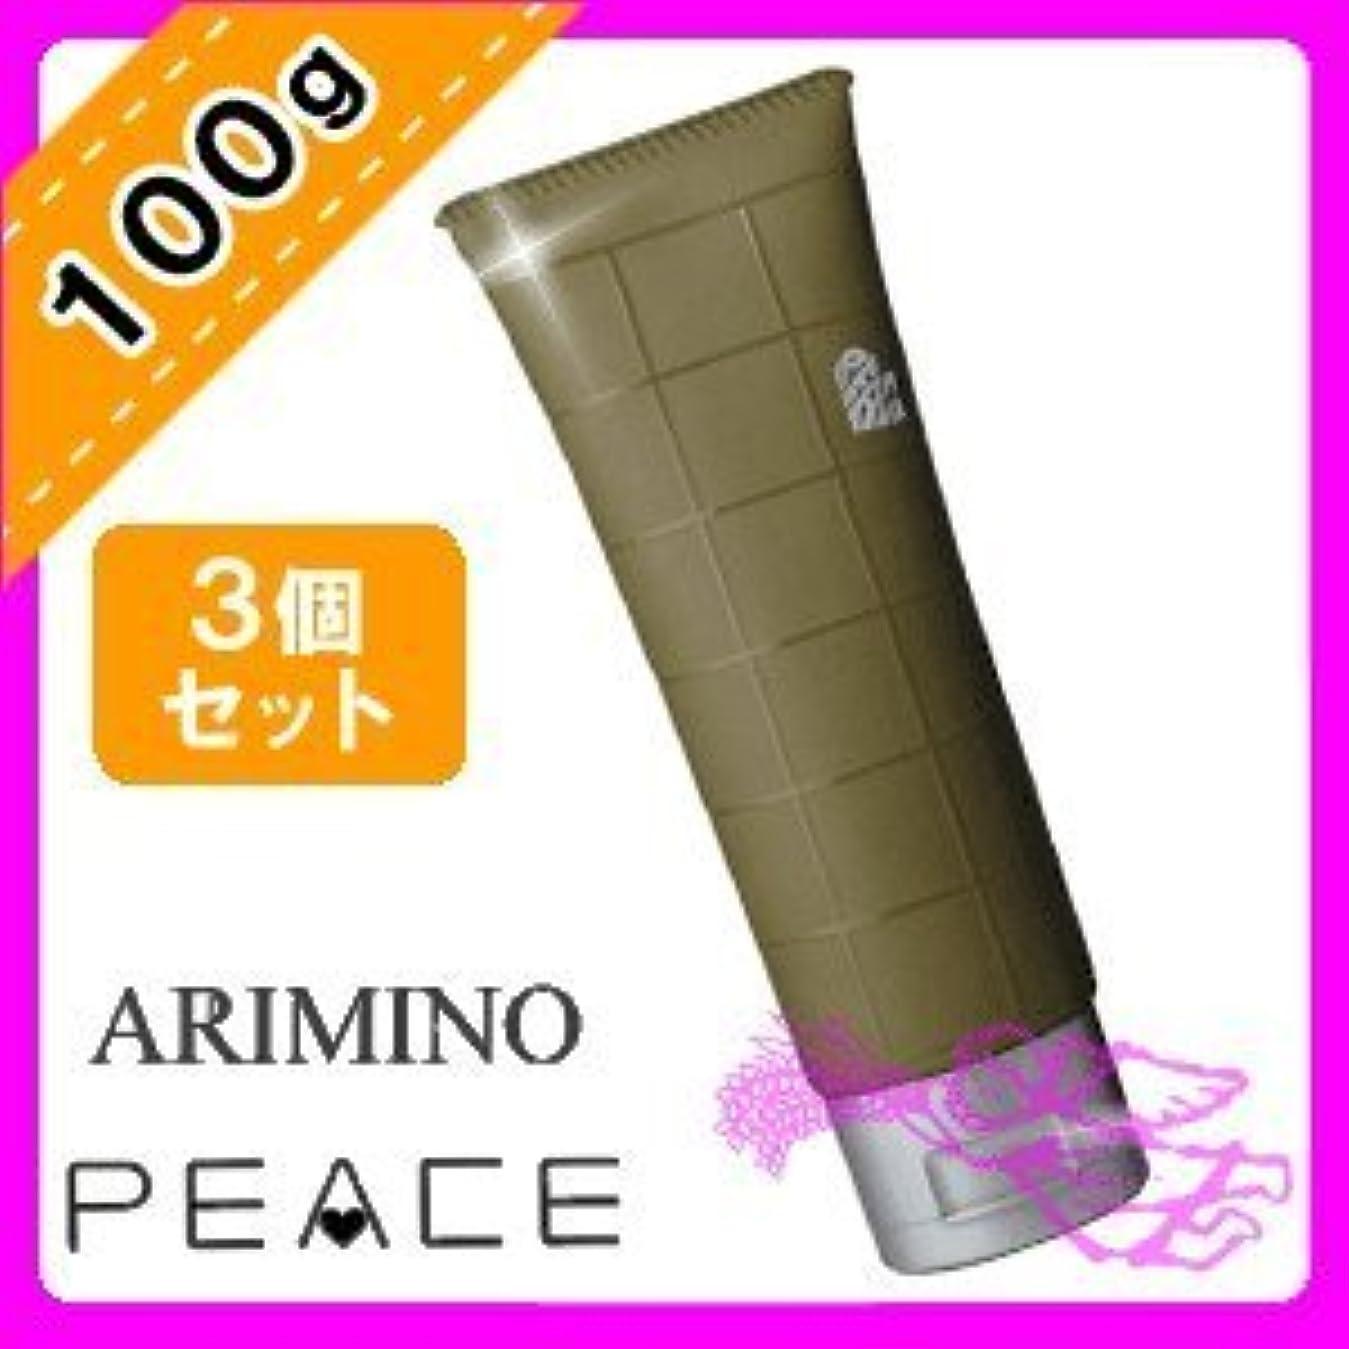 証人扇動するほとんどの場合アリミノ ピース ウェットオイル ワックス 100g ×3個セット arimino PEACE